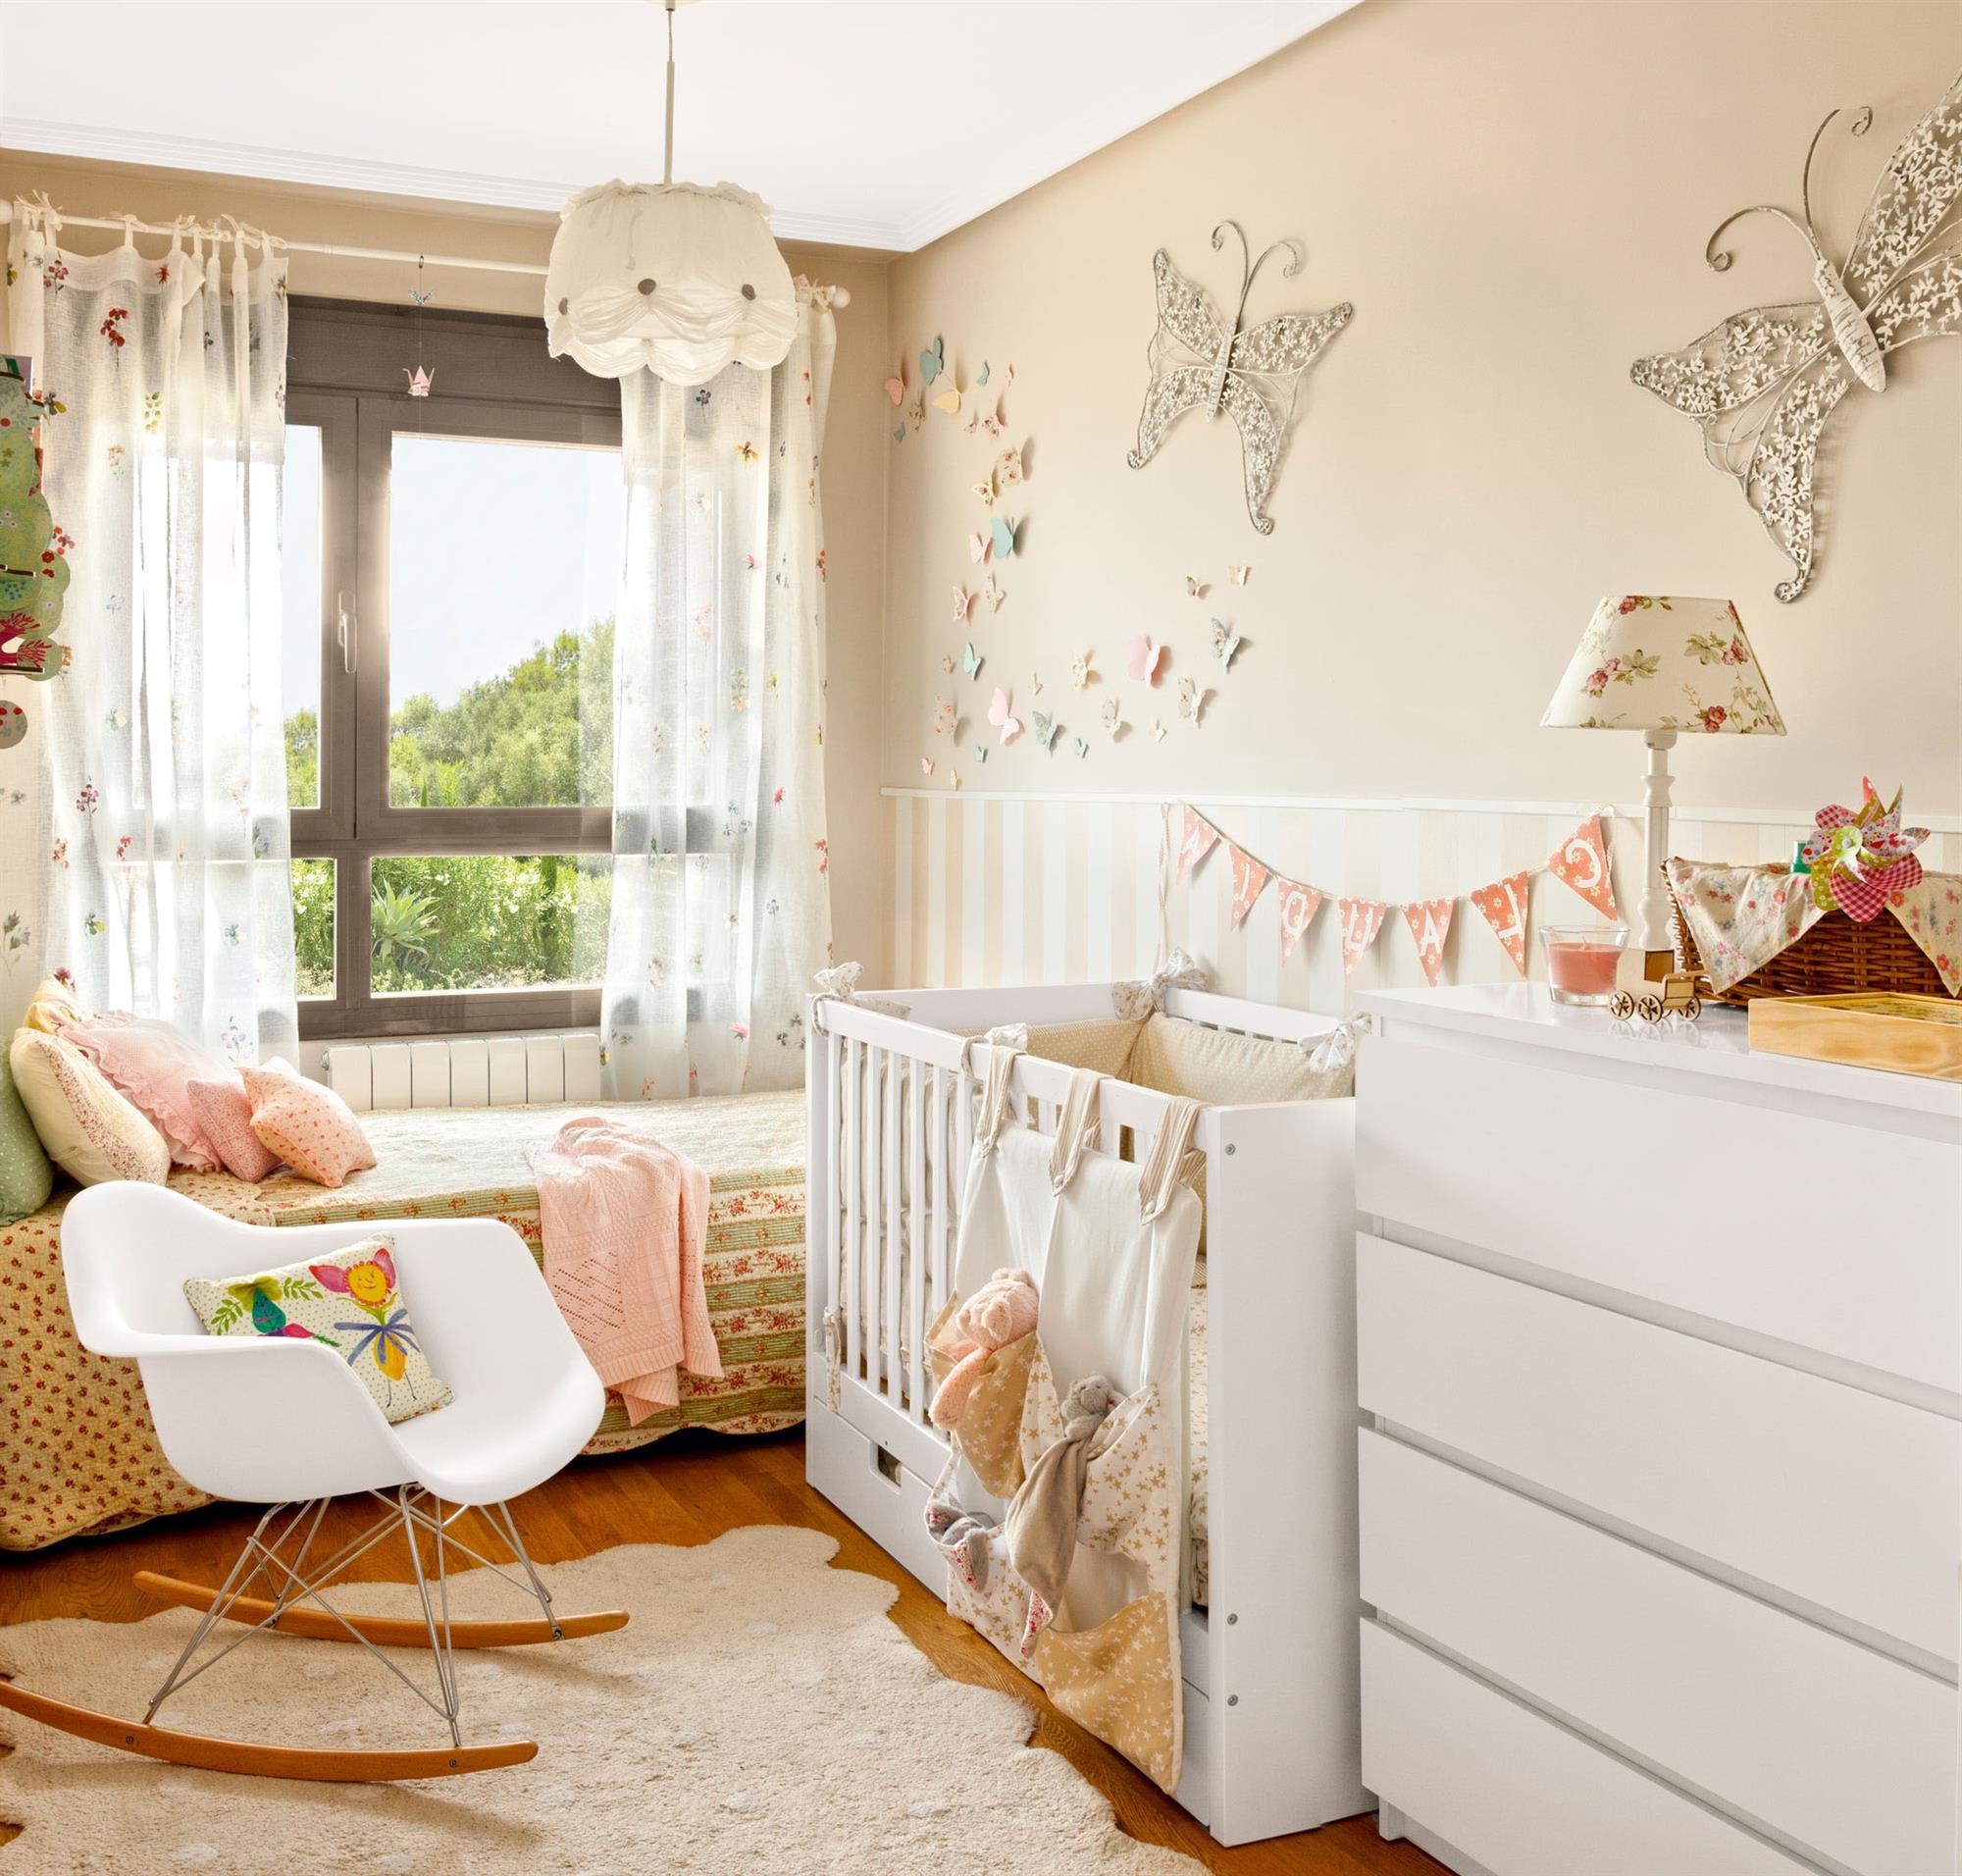 Muebles De Bebe Zwd9 Ideas Para La Habitacià N De Tu BebÃ